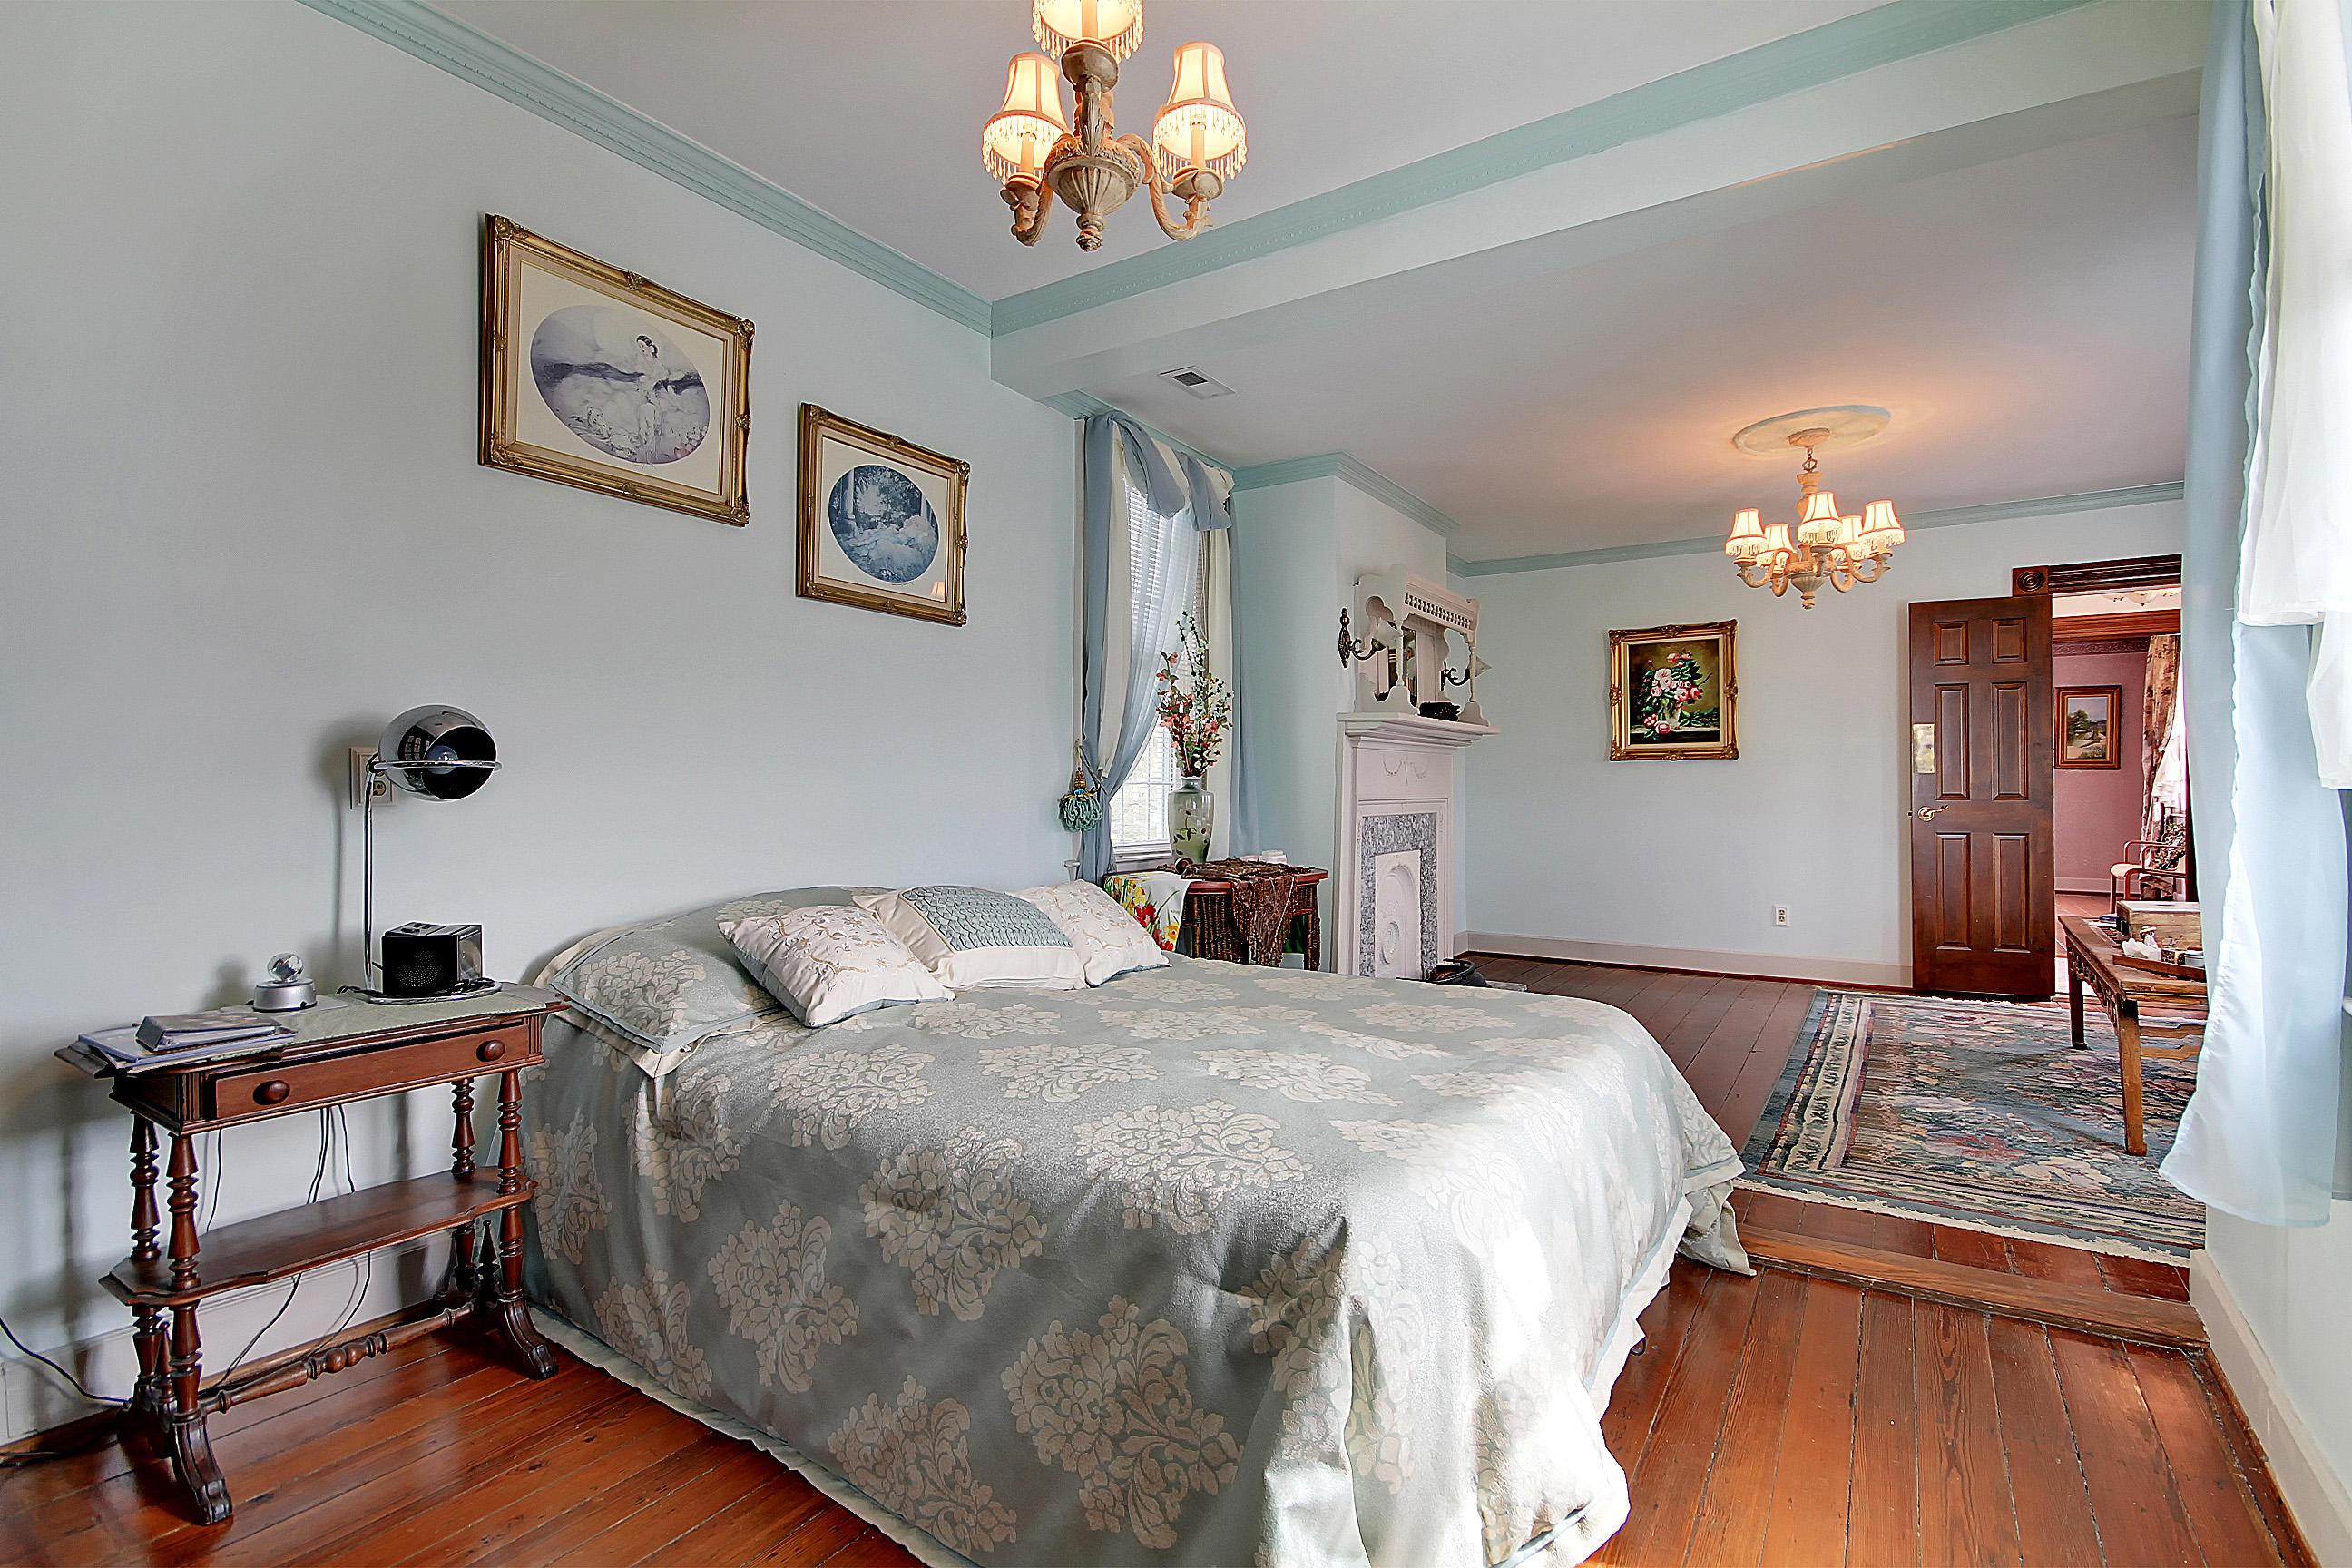 Harleston Village Homes For Sale - 218 Wentworth, Charleston, SC - 59